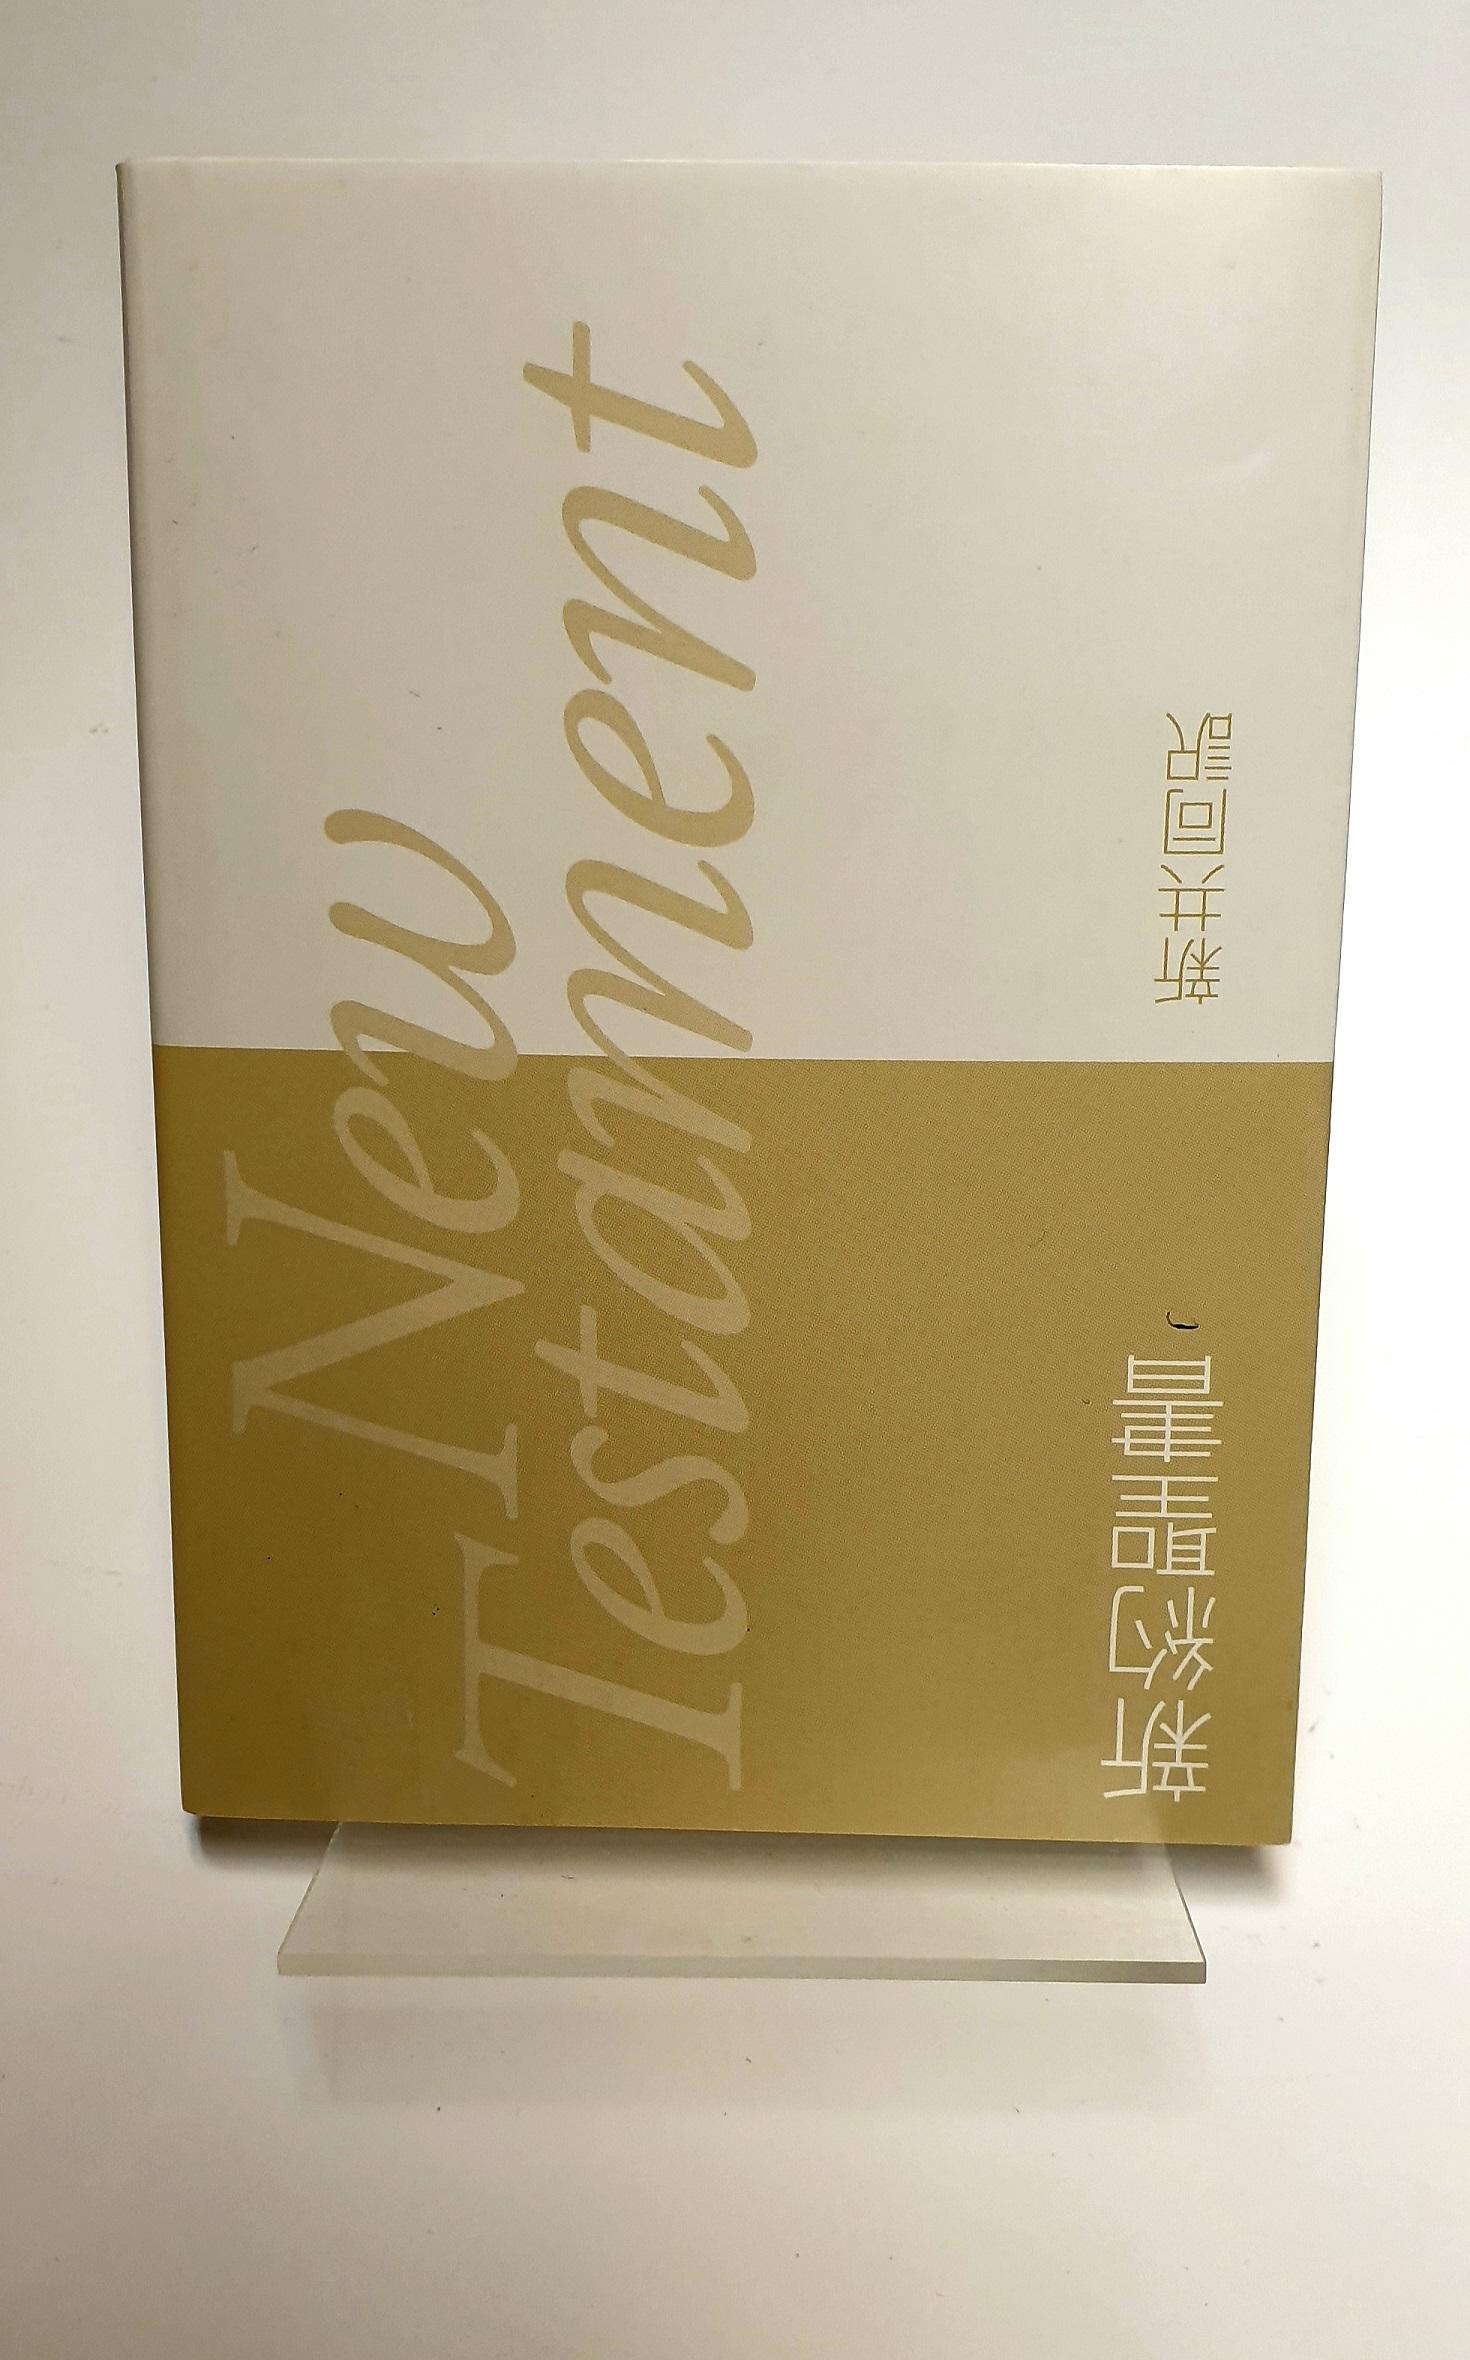 Japanskt Nya testamentet artikelnummer 2494 via bibelbutiken.se